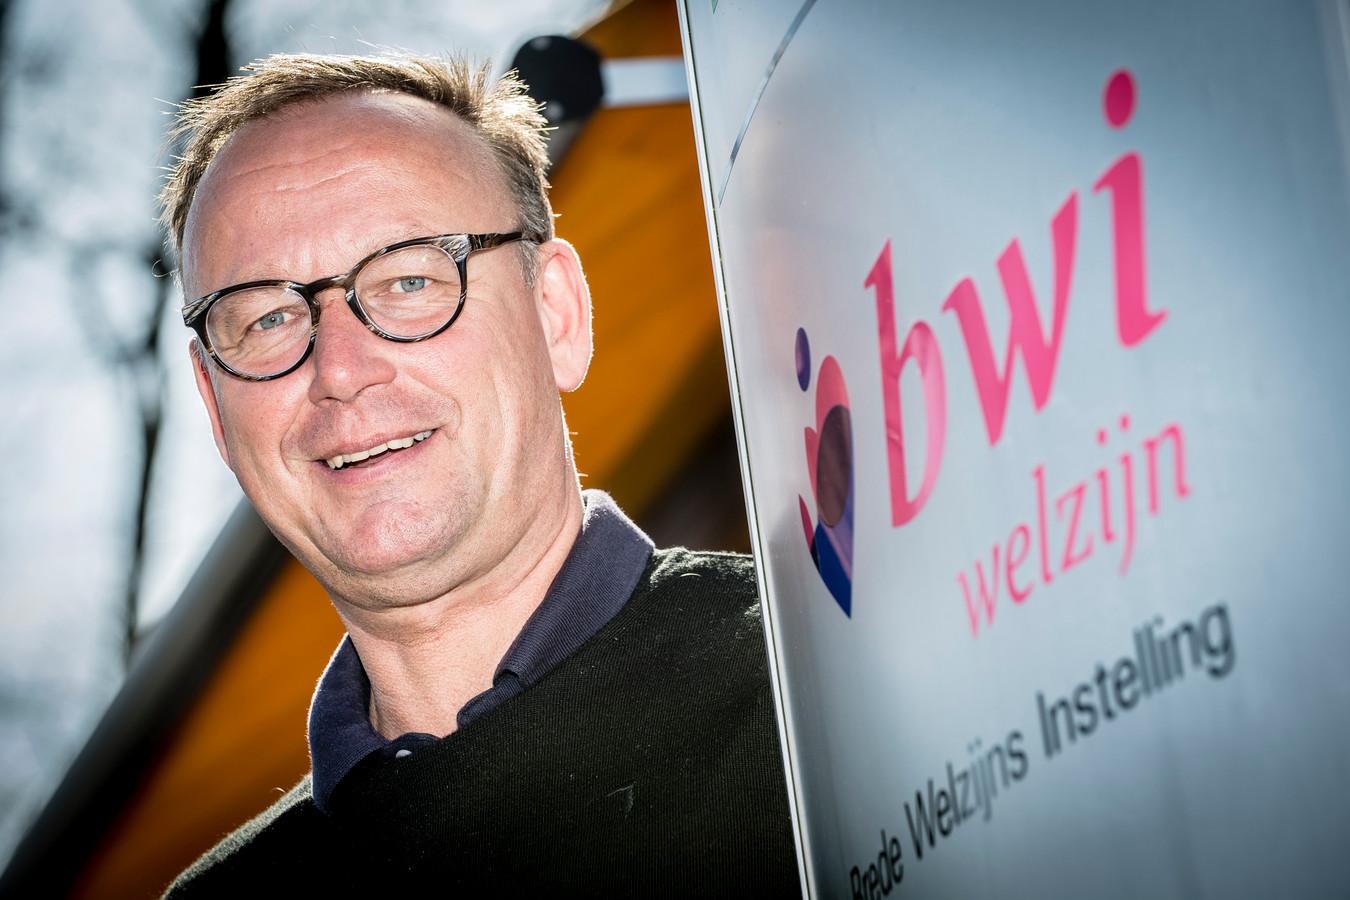 Mark Inja is directeur van de Brede WelzijnsInstelling van de gemeente Woensdrecht.